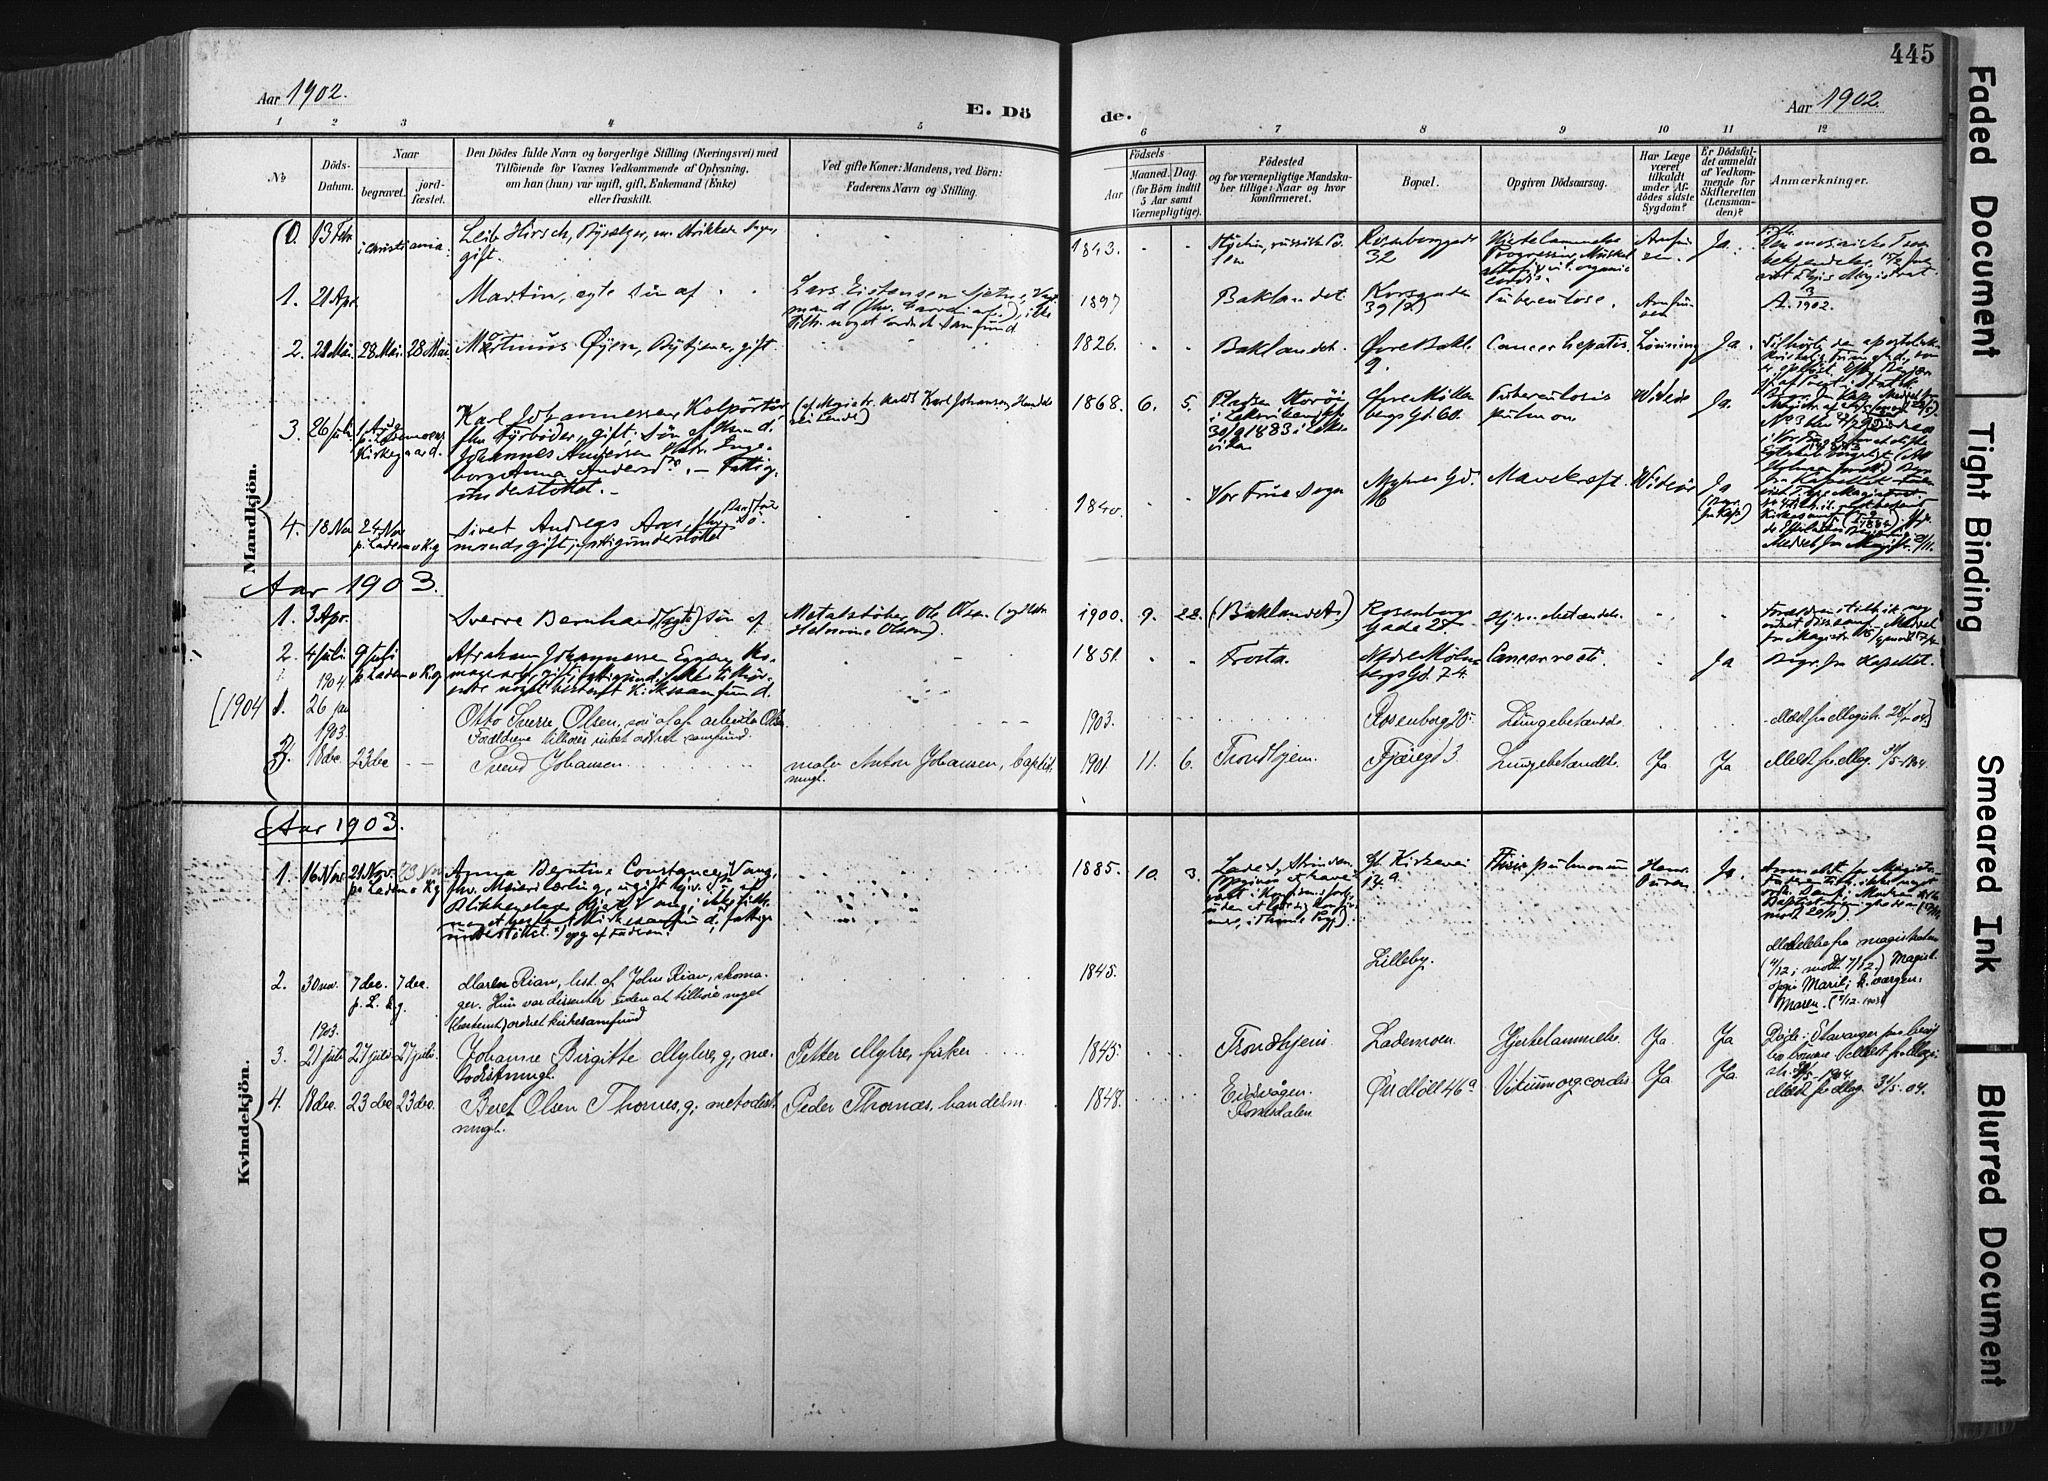 SAT, Ministerialprotokoller, klokkerbøker og fødselsregistre - Sør-Trøndelag, 604/L0201: Ministerialbok nr. 604A21, 1901-1911, s. 445